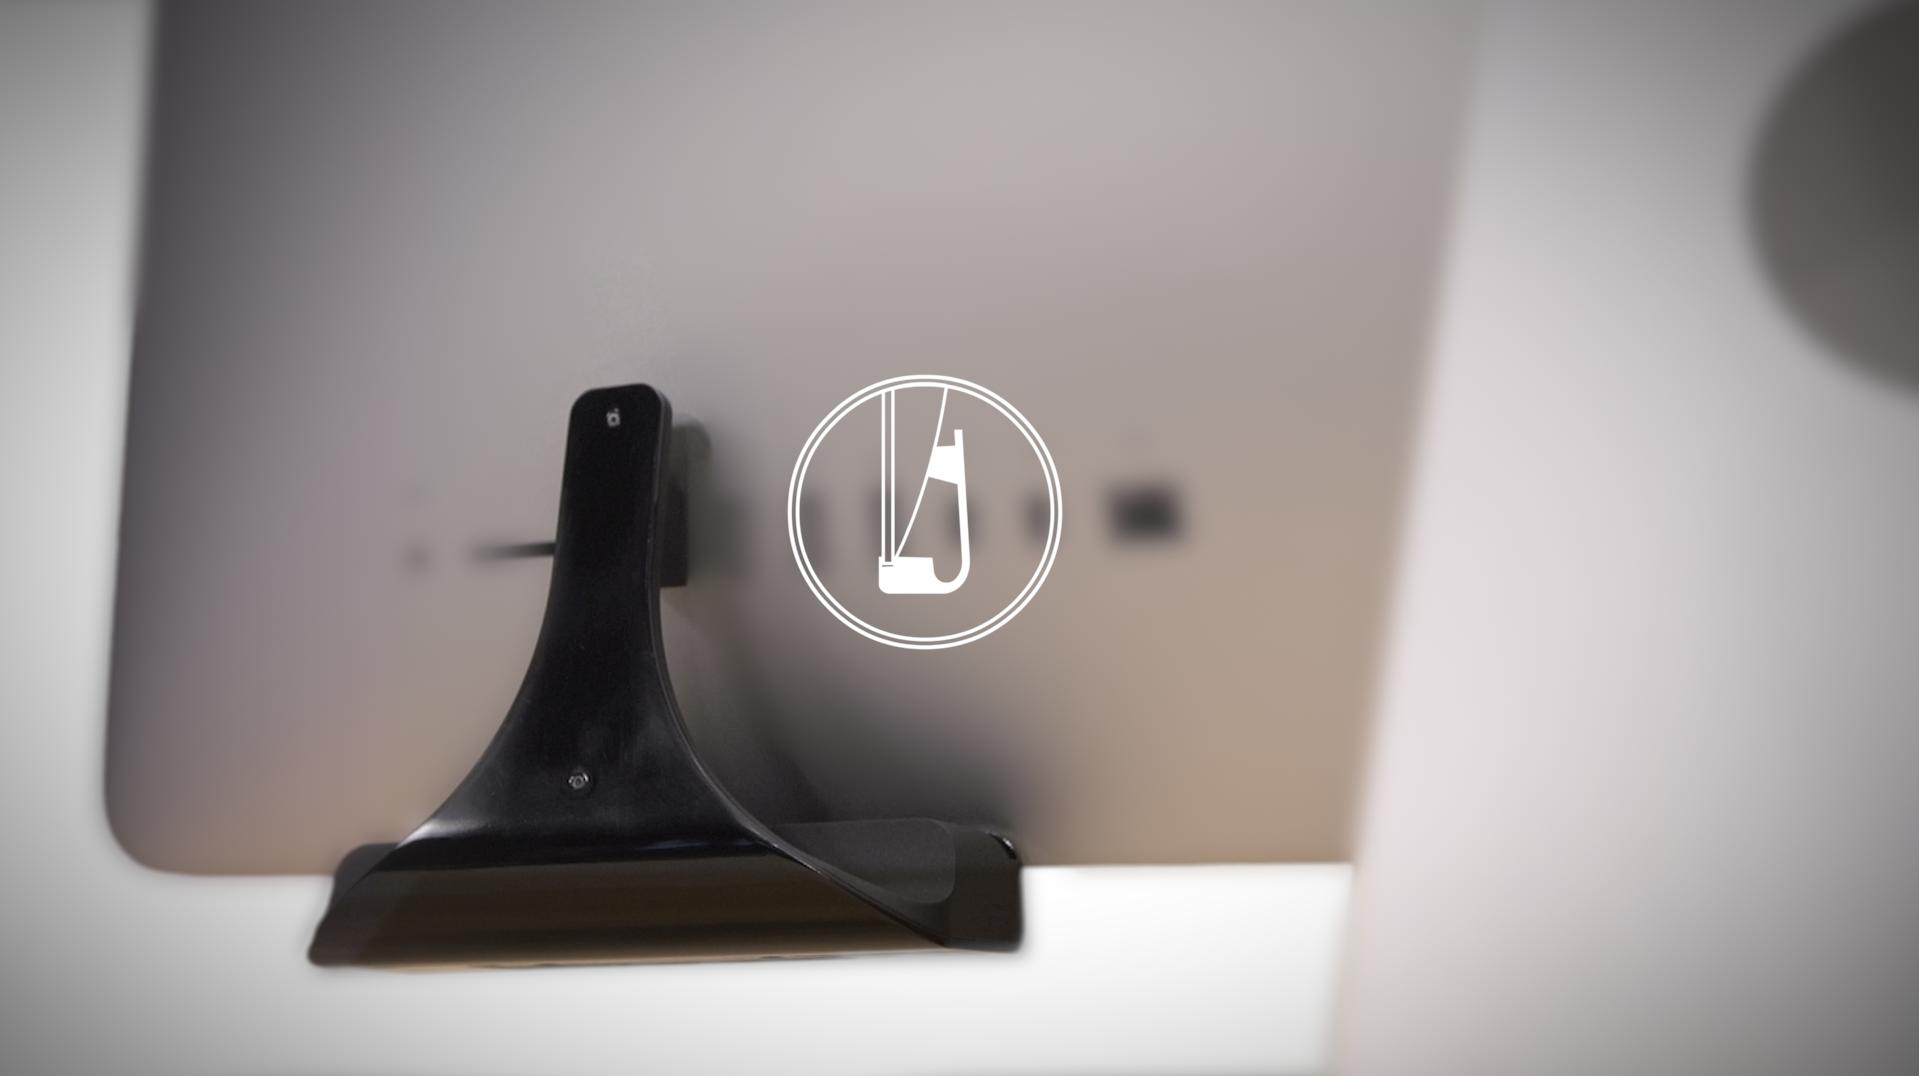 Huback: Plug & Play, No More Turning iMac | Indiegogo